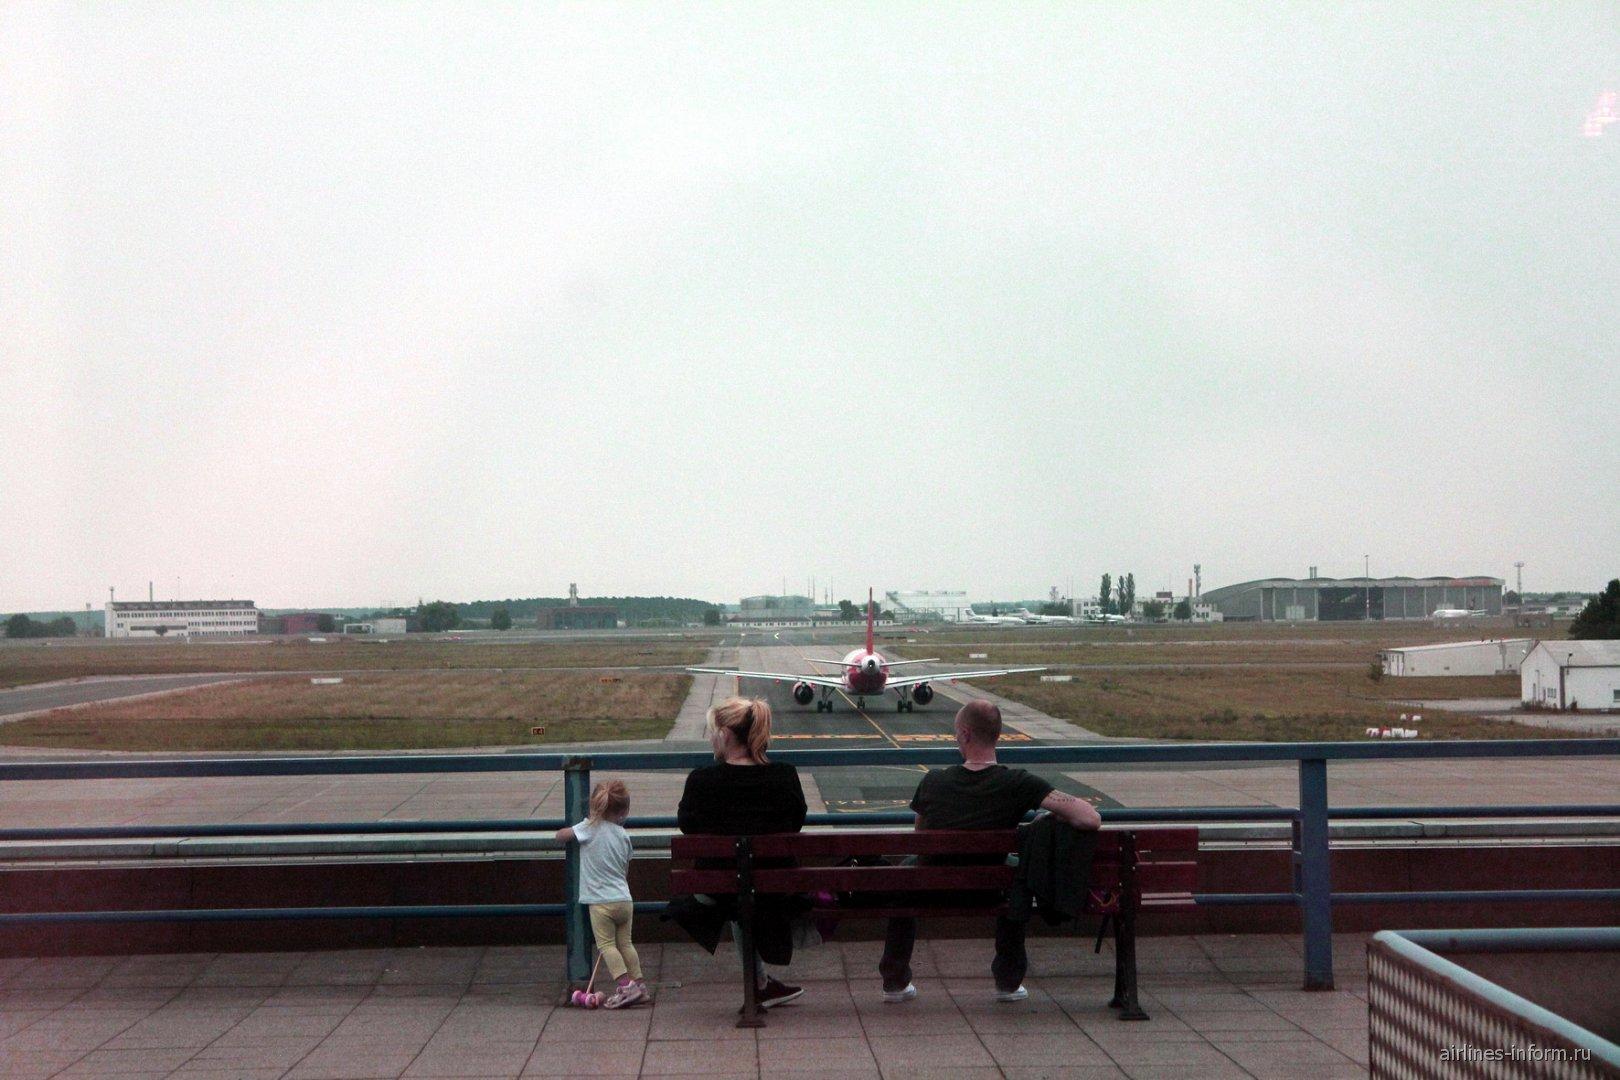 Смотровая площадка в аэропорту Берлин-Шёнефельд